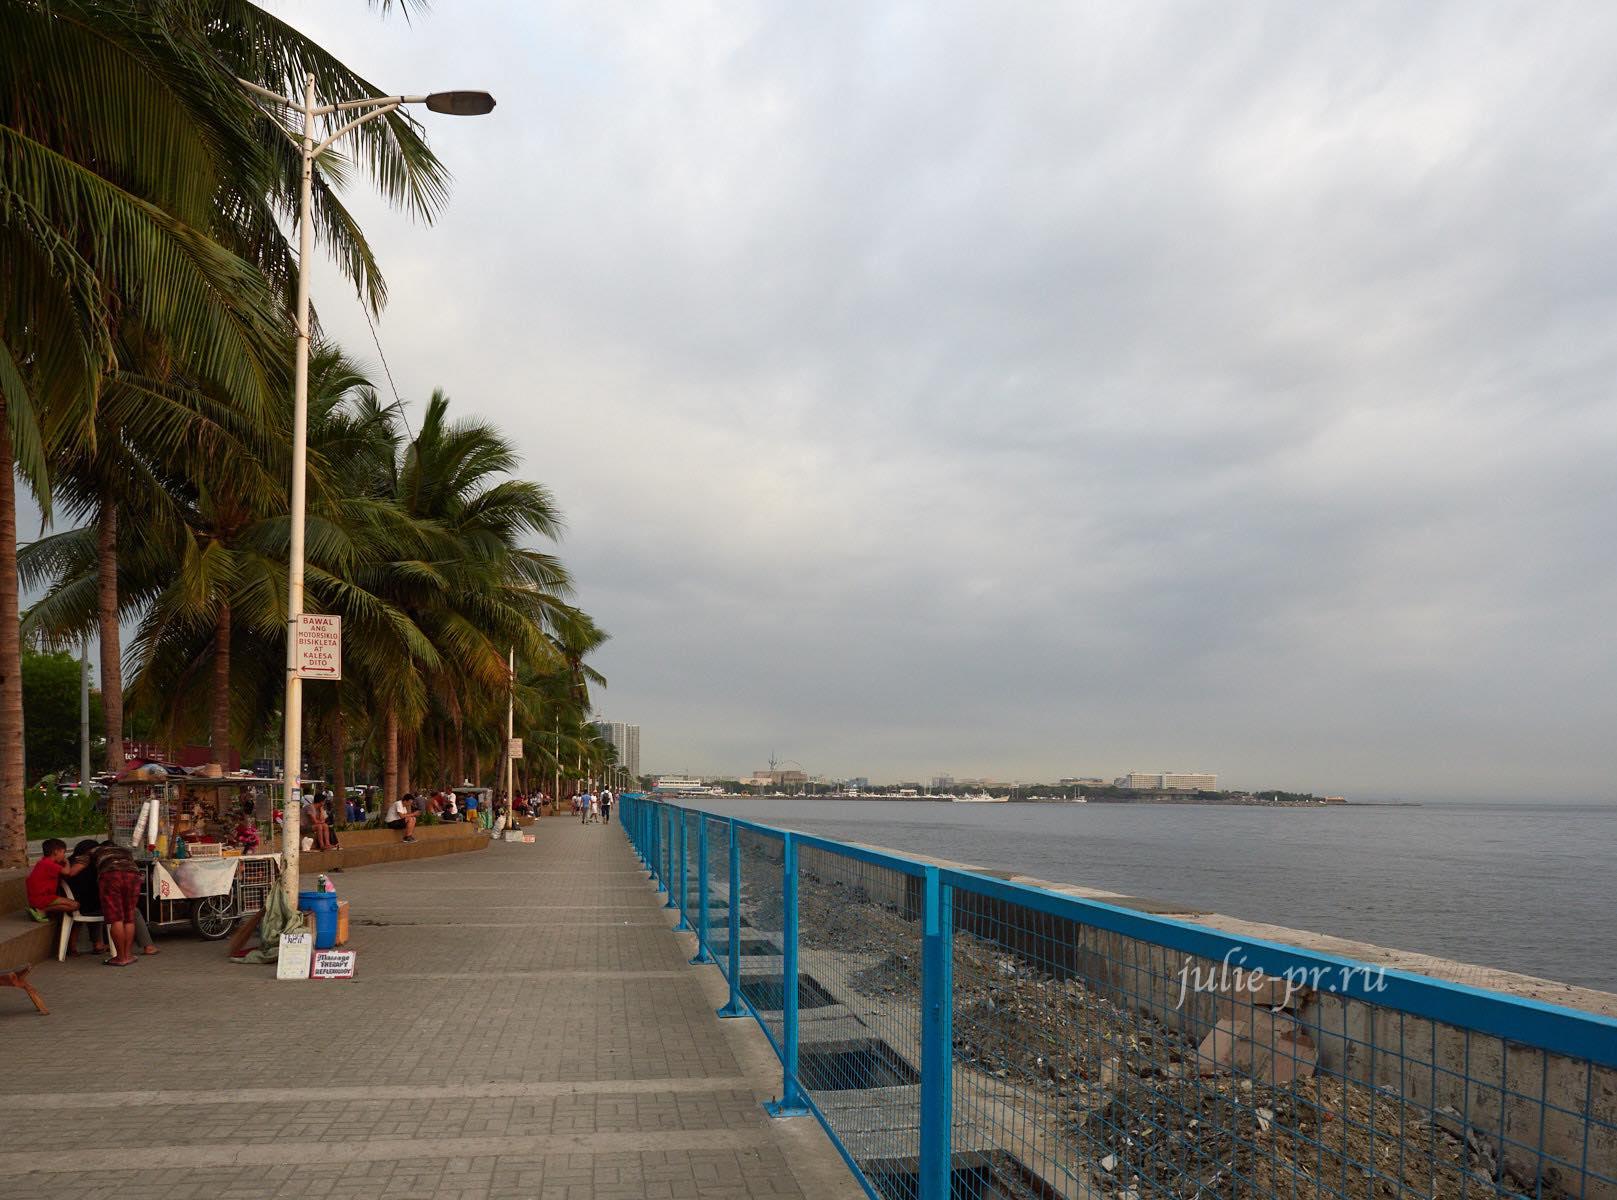 Филиппины, Манила, набережная